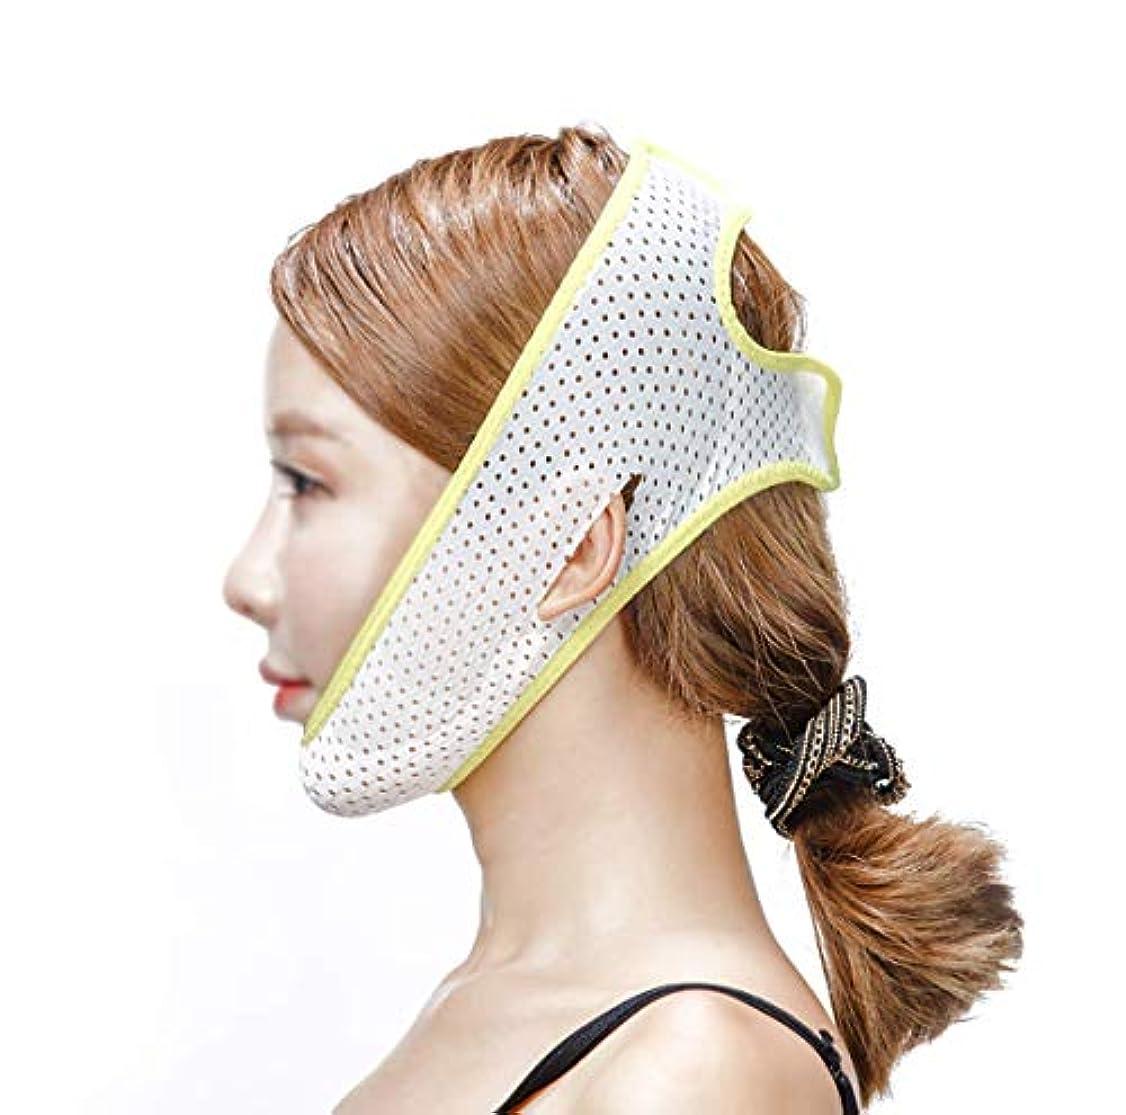 フロー一晩め言葉フェイスリフトマスク、あごストラップ回復包帯睡眠薄いフェイス包帯薄いフェイスマスクフェイスリフトアーチファクトフェイスリフトで小さなV顔を強化する美容マスク包帯(色:黄色と白)